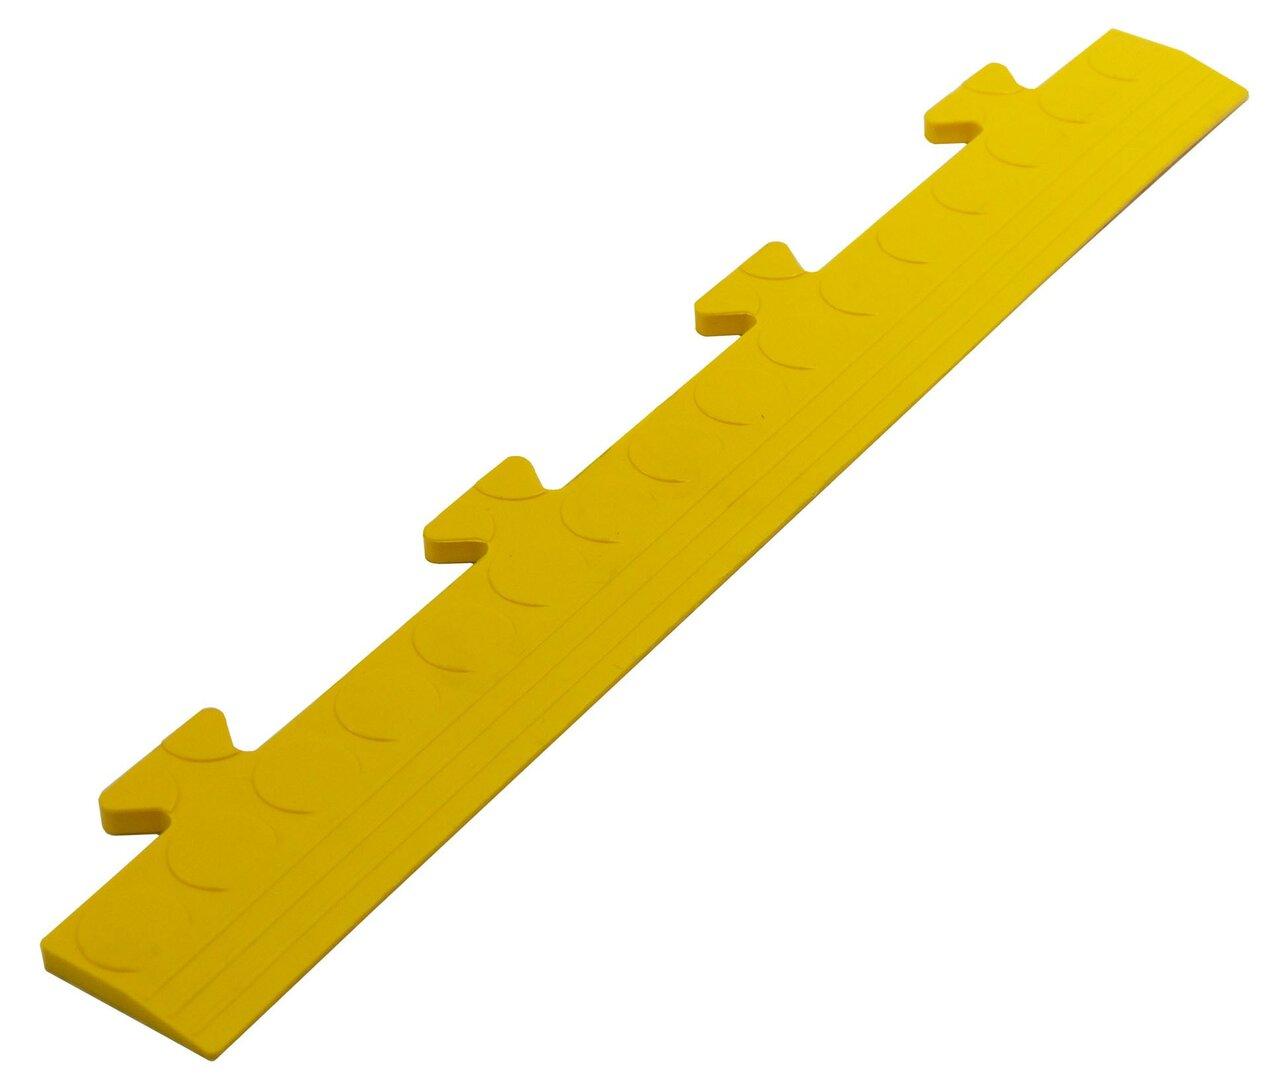 """Černý PVC vinylový nájezd """"samec"""" pro dlaždice Tenax - délka 48 cm, šířka 7 cm a výška 0,8 cm"""